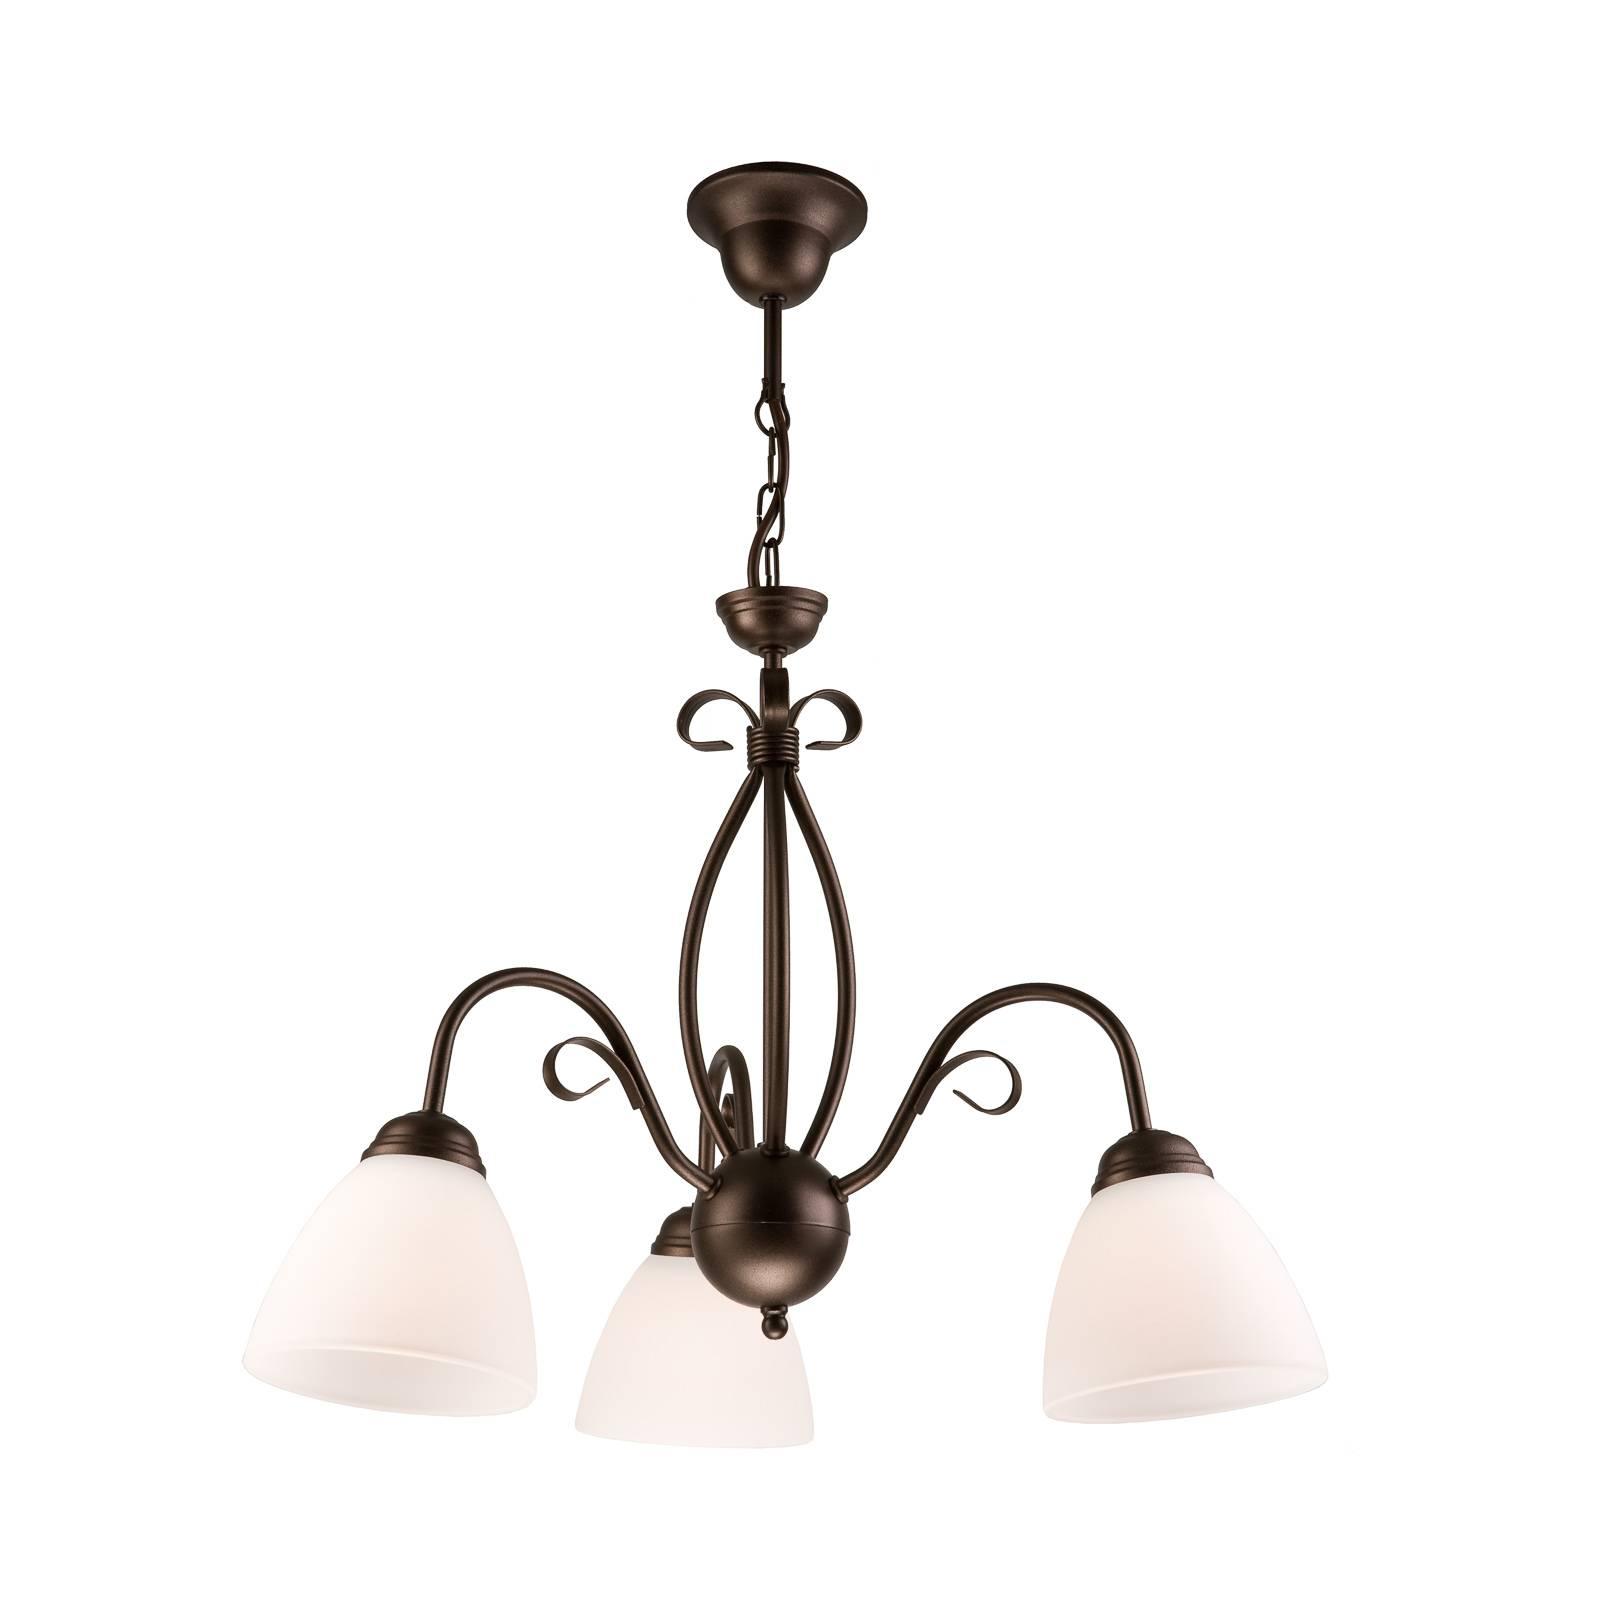 Riippuvalo Adoro, 3-lamppuinen, ruskea